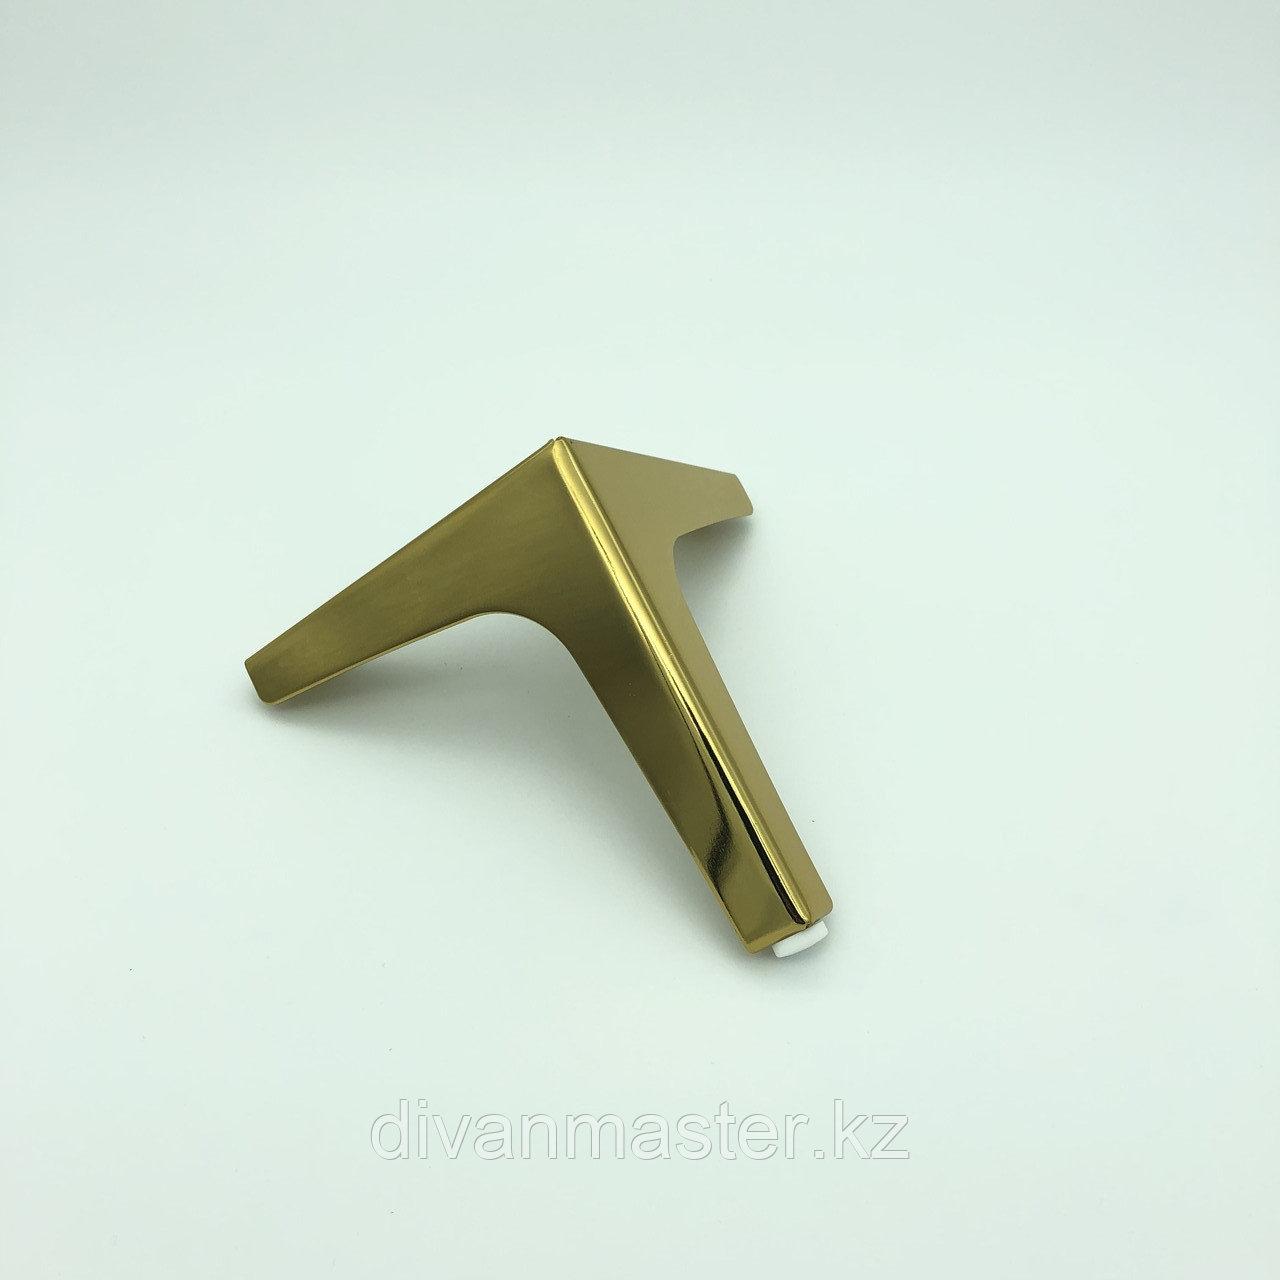 Ножка стальная, для диванов и кресел, золото 13 см